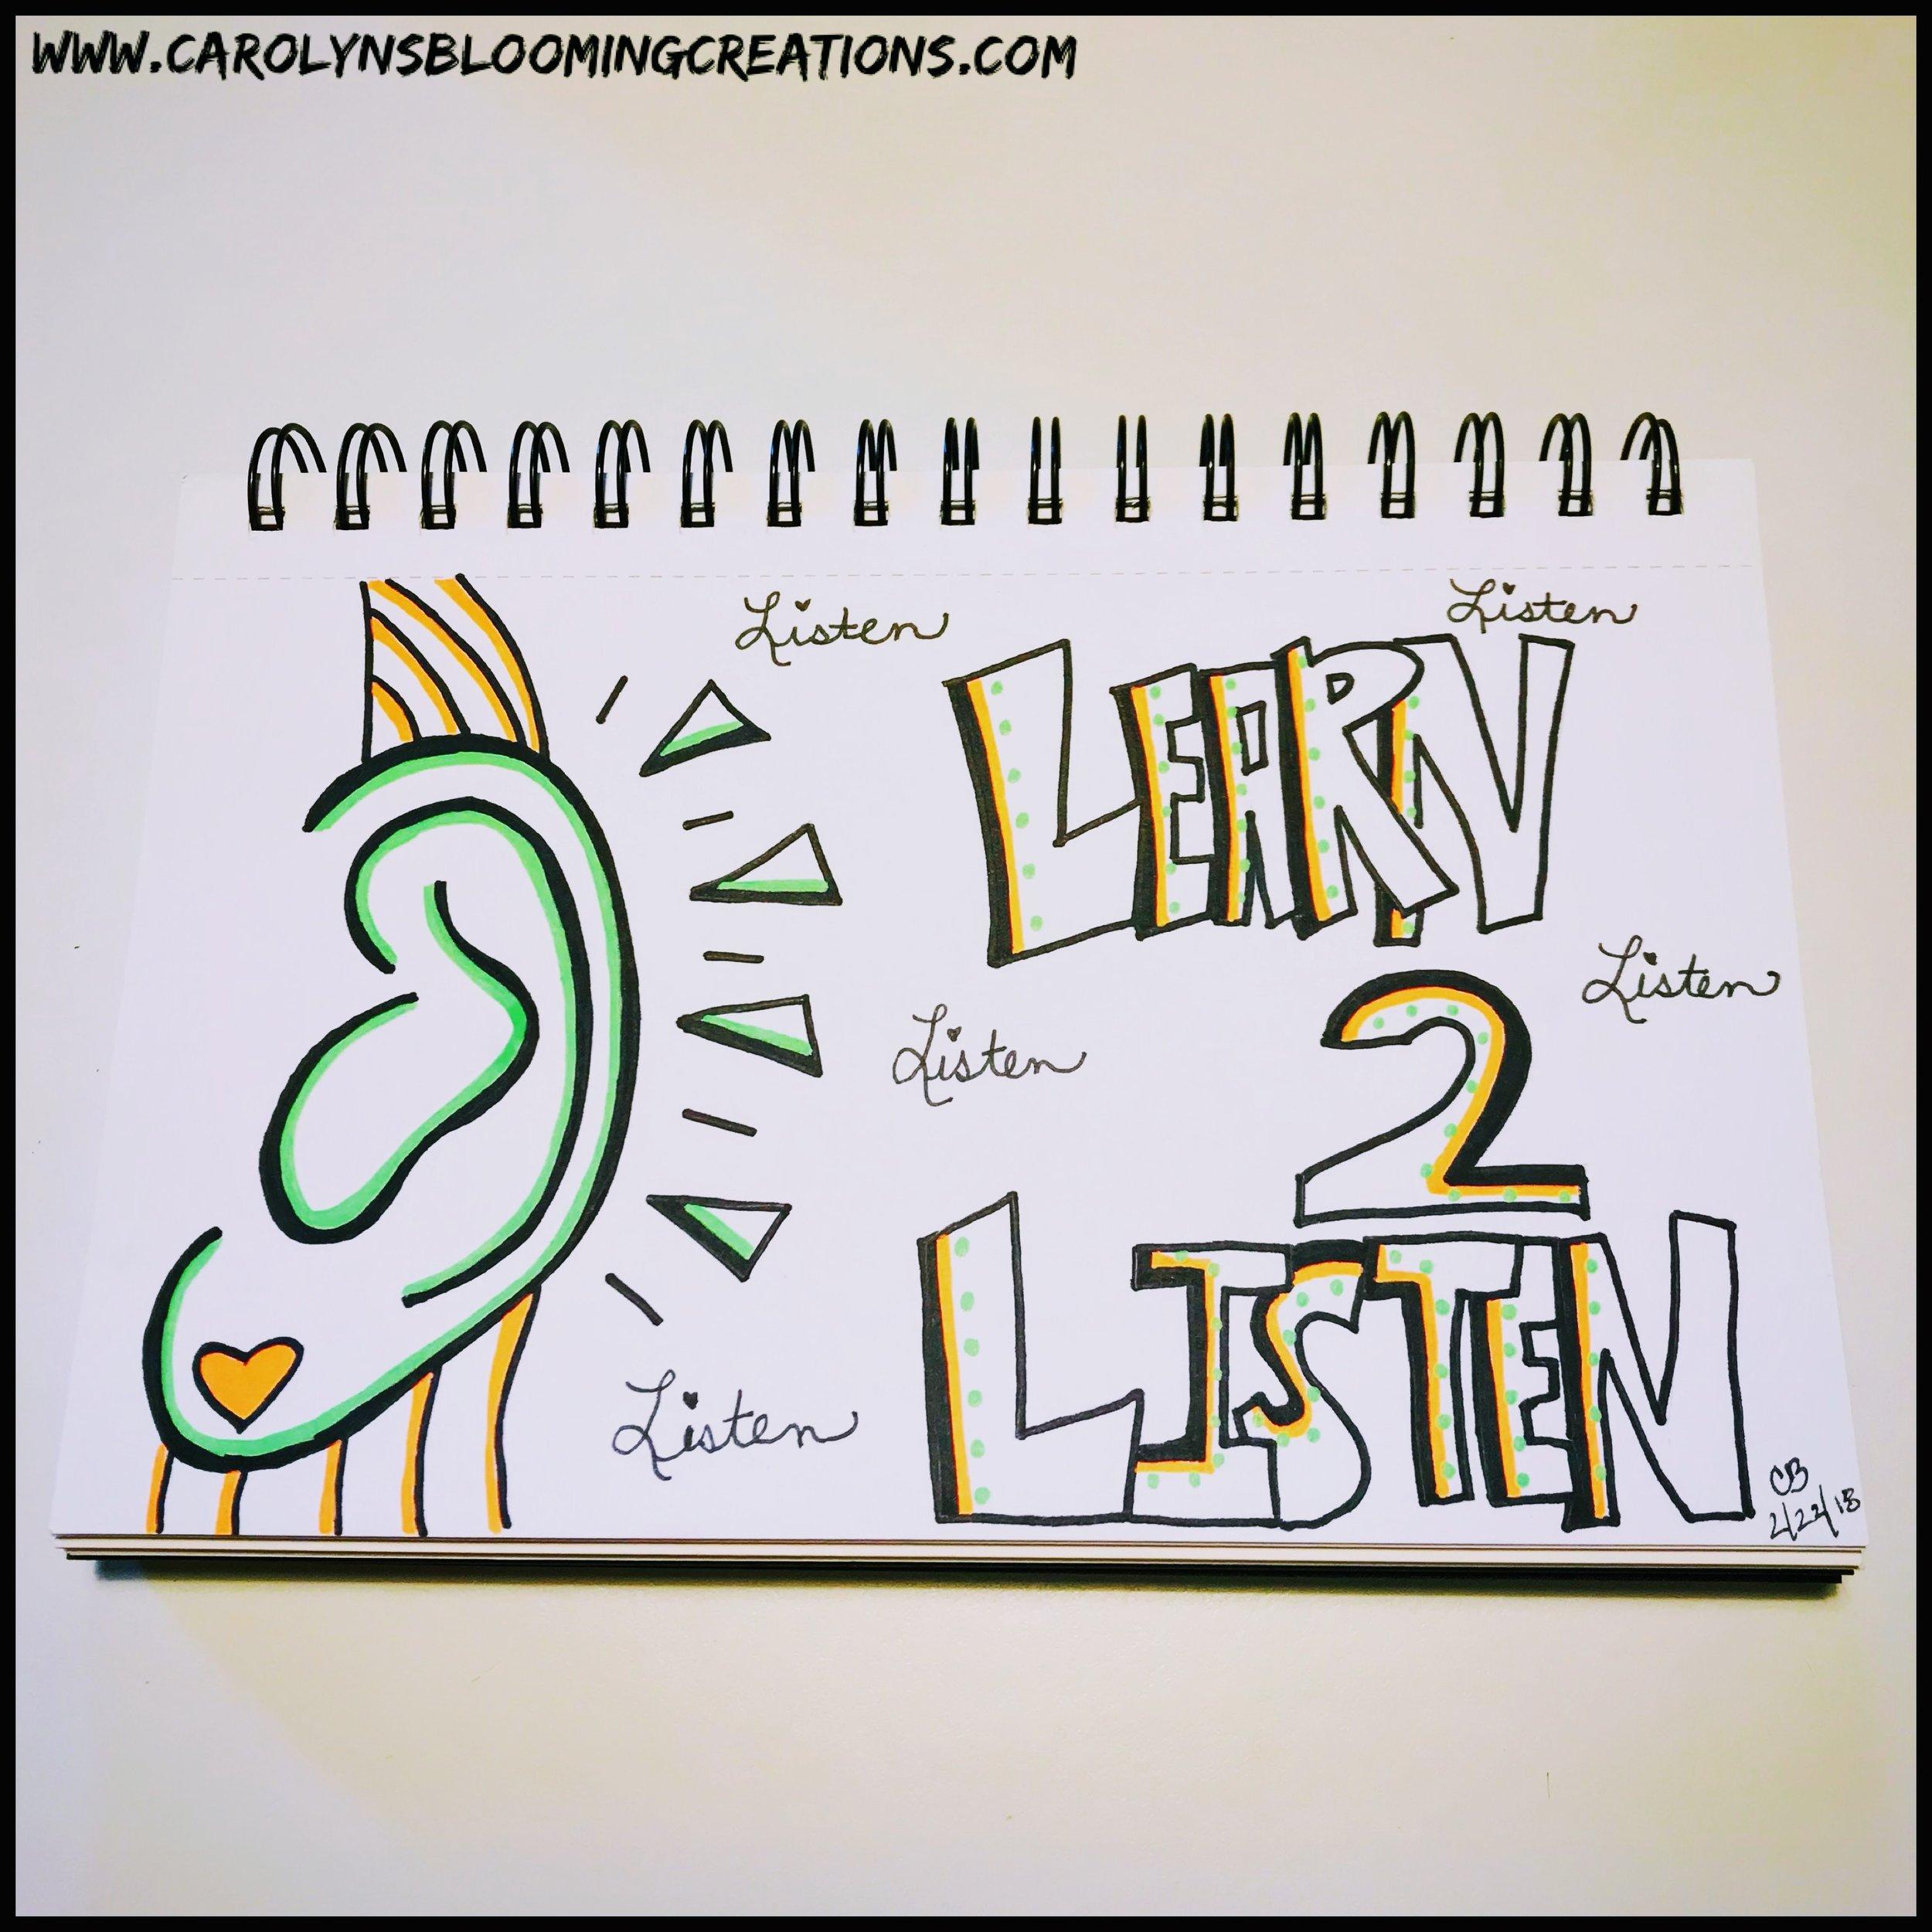 Sketch by Carolyn J. Braden-Learn 2 Listen